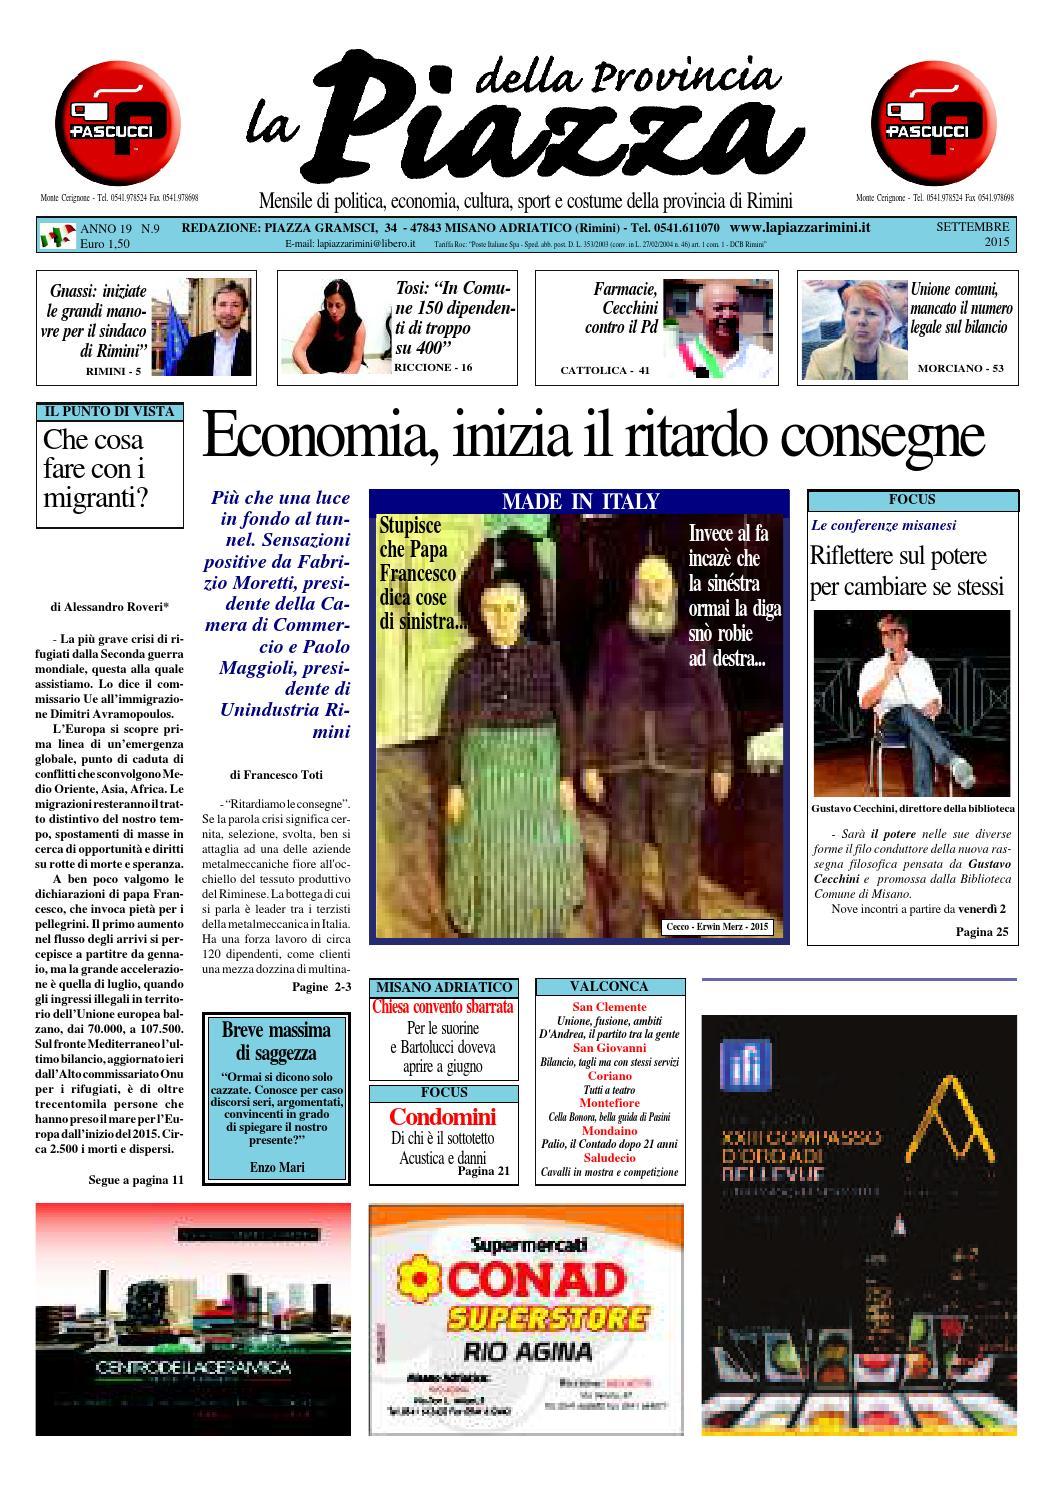 Settembre 2015 - La Piazza Rimini by La Piazza della Provincia - issuu 24c4f96d224